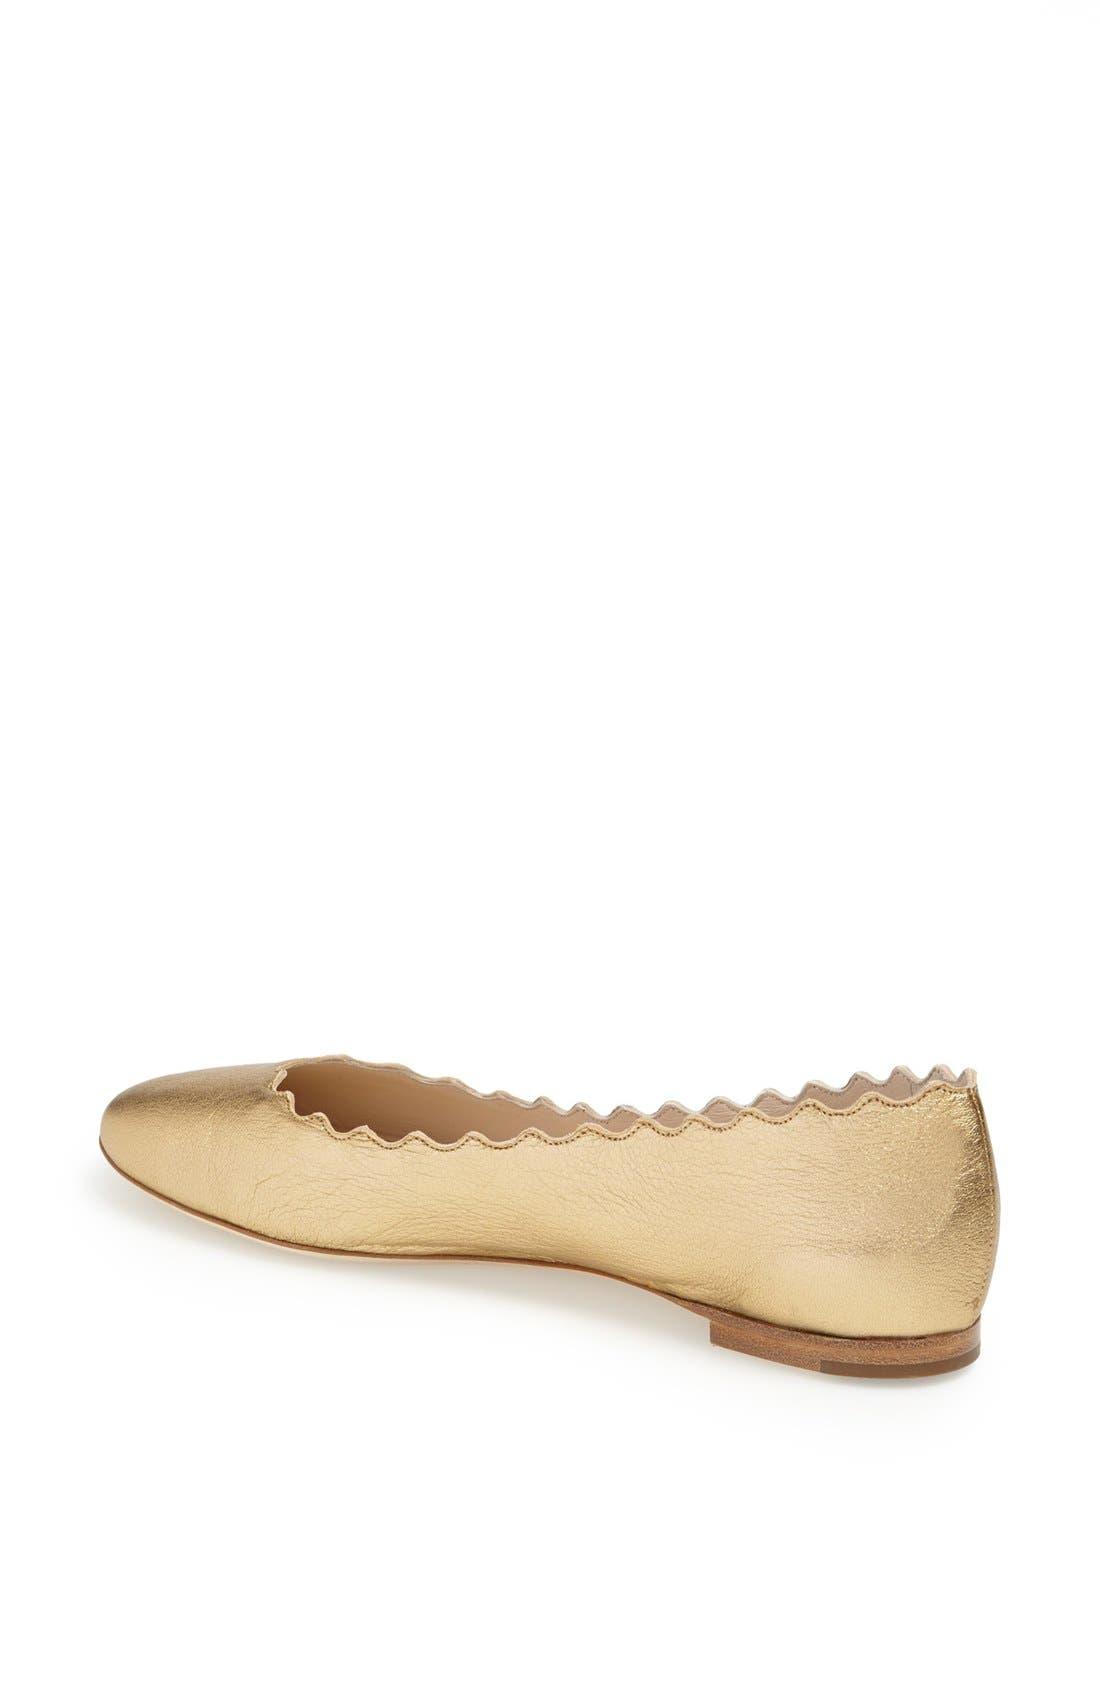 Alternate Image 2  - Chloé 'Lauren' Scalloped Ballet Flat (Women)